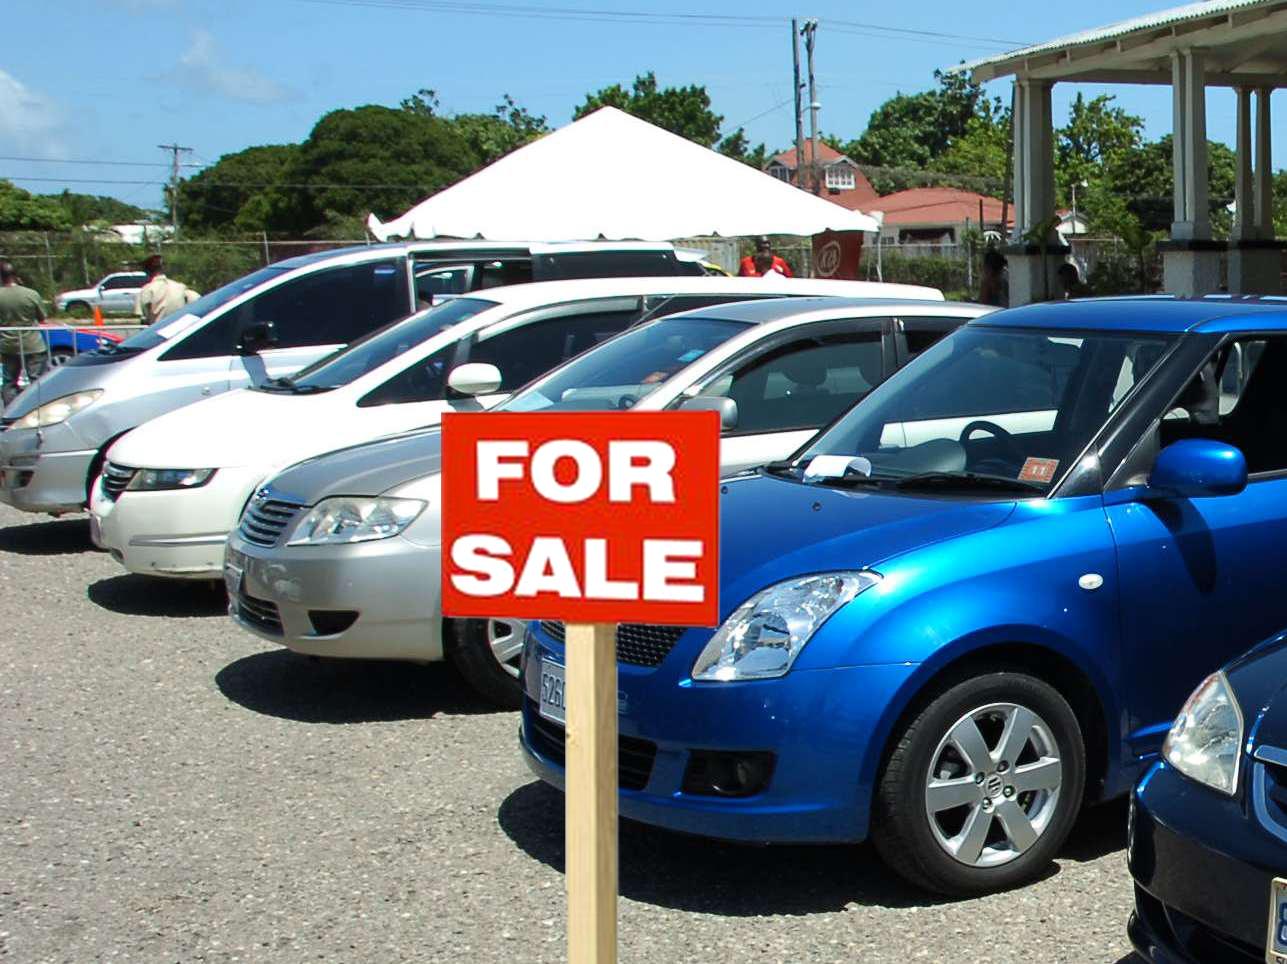 Hasil gambar untuk Tips menyewa mobil agar murah